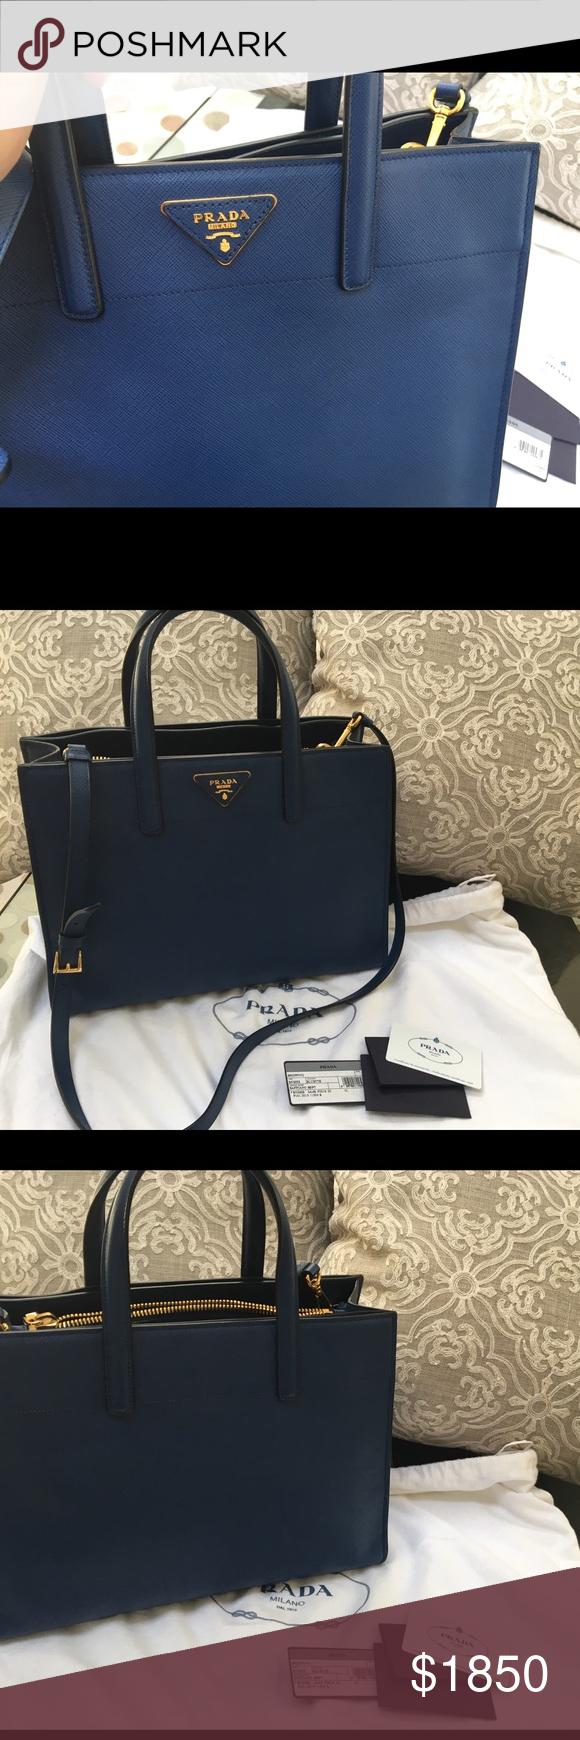 f7ca47751364c Prada classic bag Prada classic bag